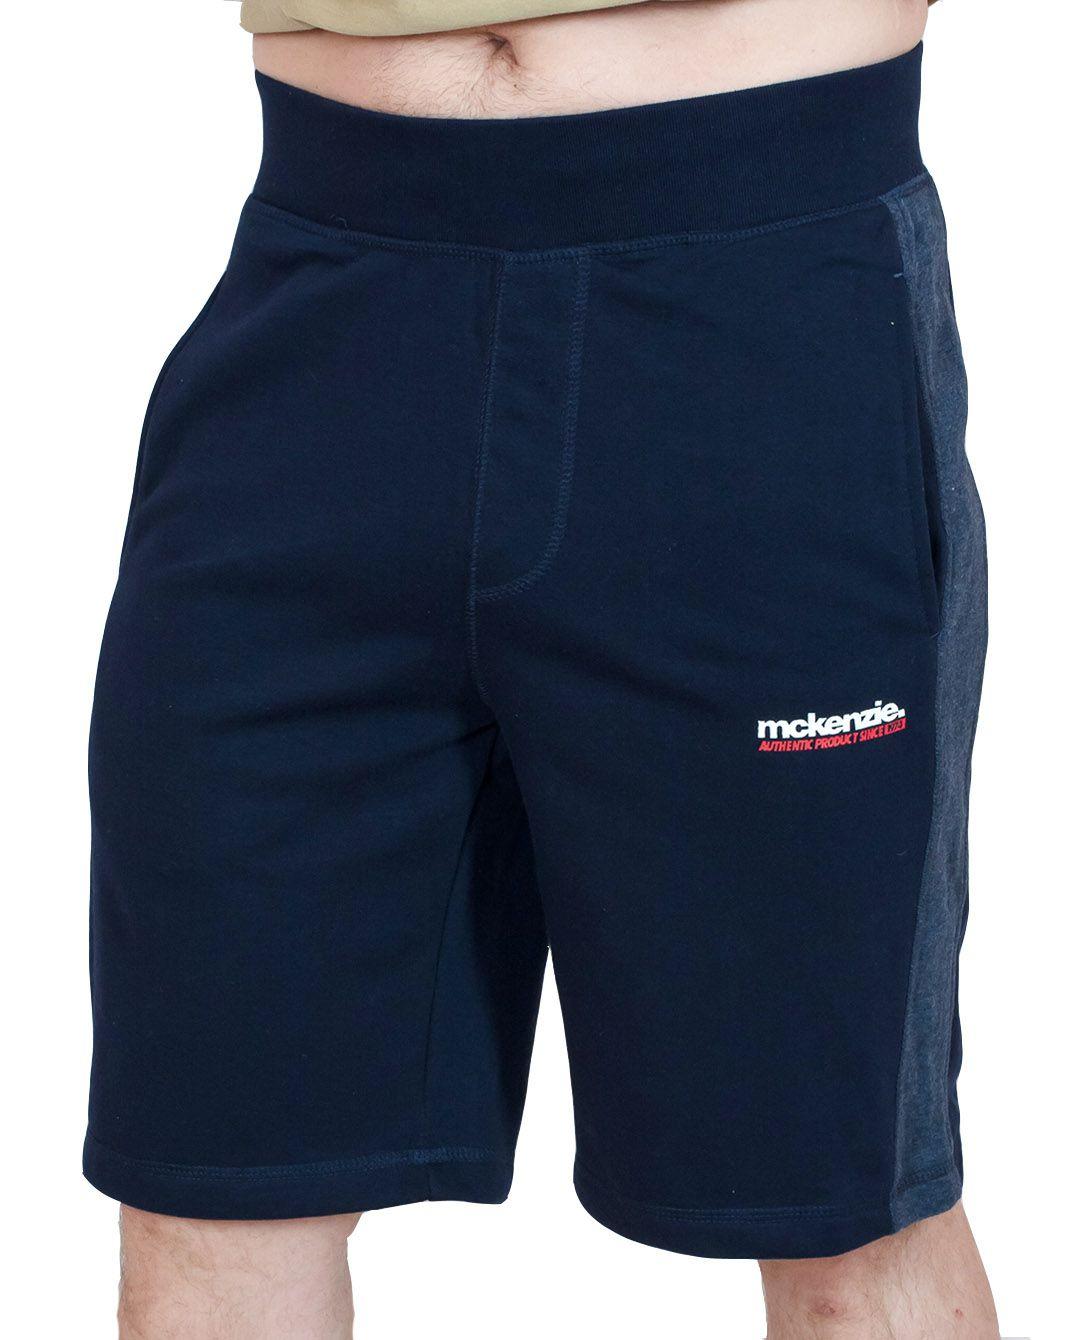 Модные мужские шорты McKenzie - вид спереди